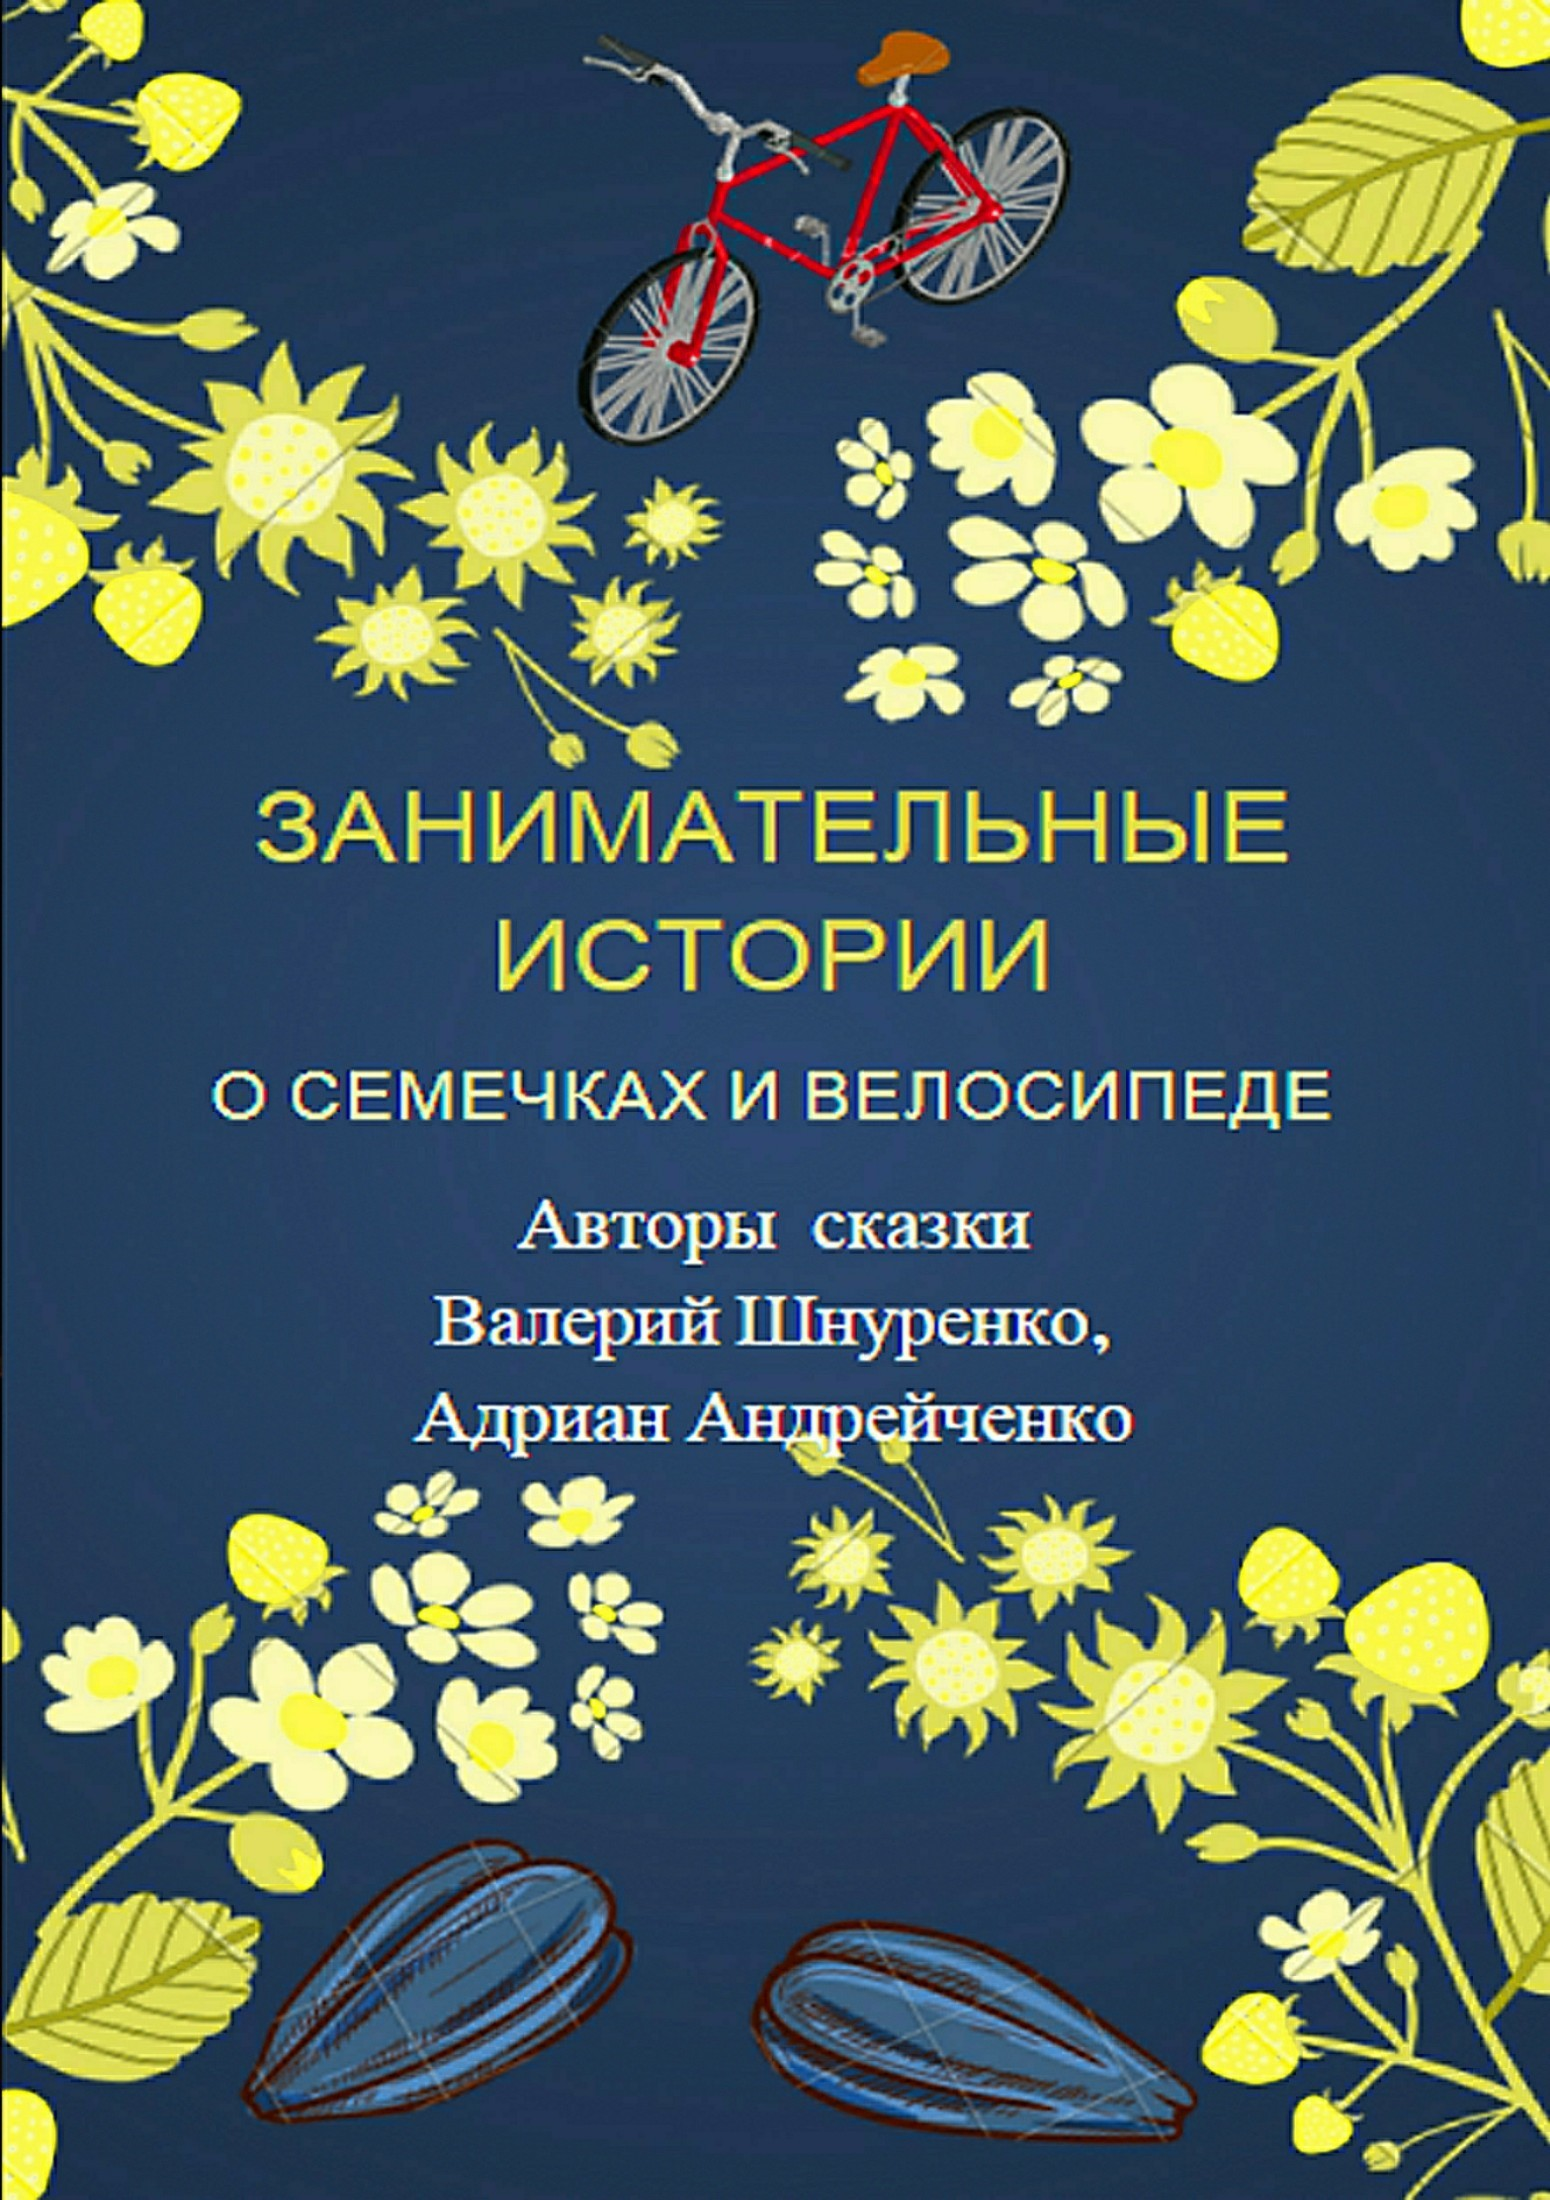 Валерий Шнуренко - Занимательные истории о семечках и велосипеде